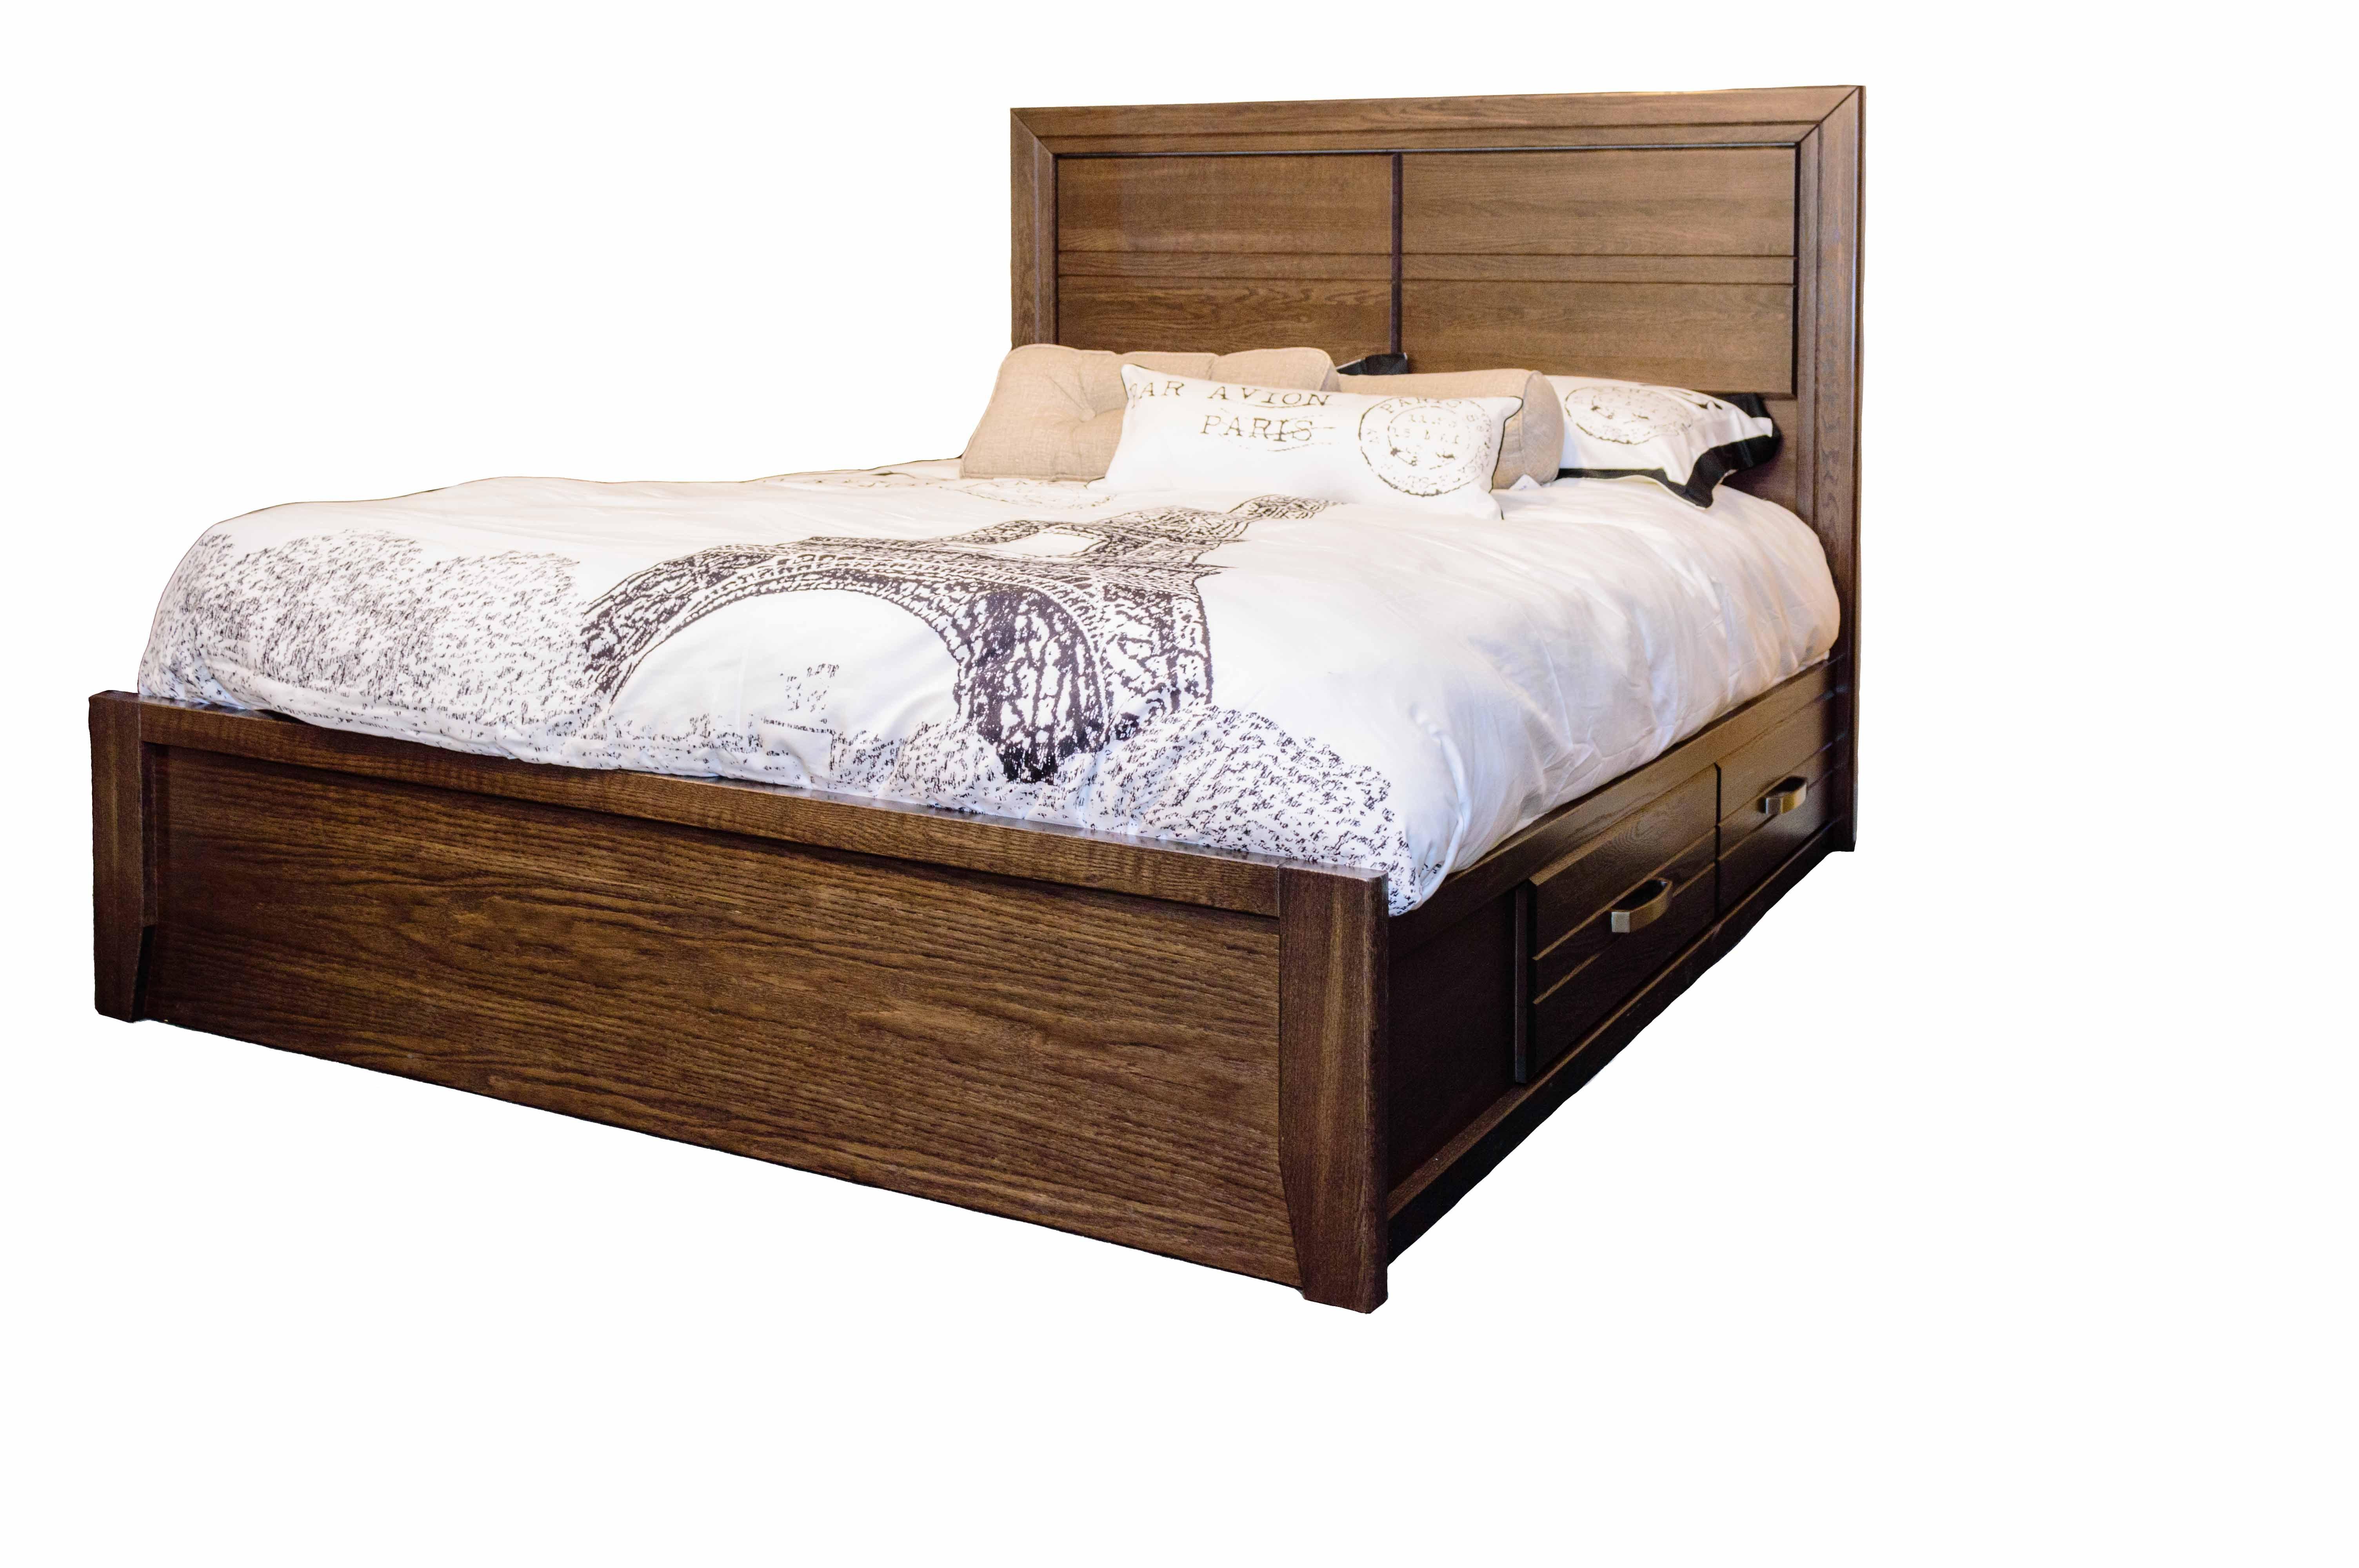 Defehr Furniture King Panel Storage Bed 682 Kng Pnl Strg Bed